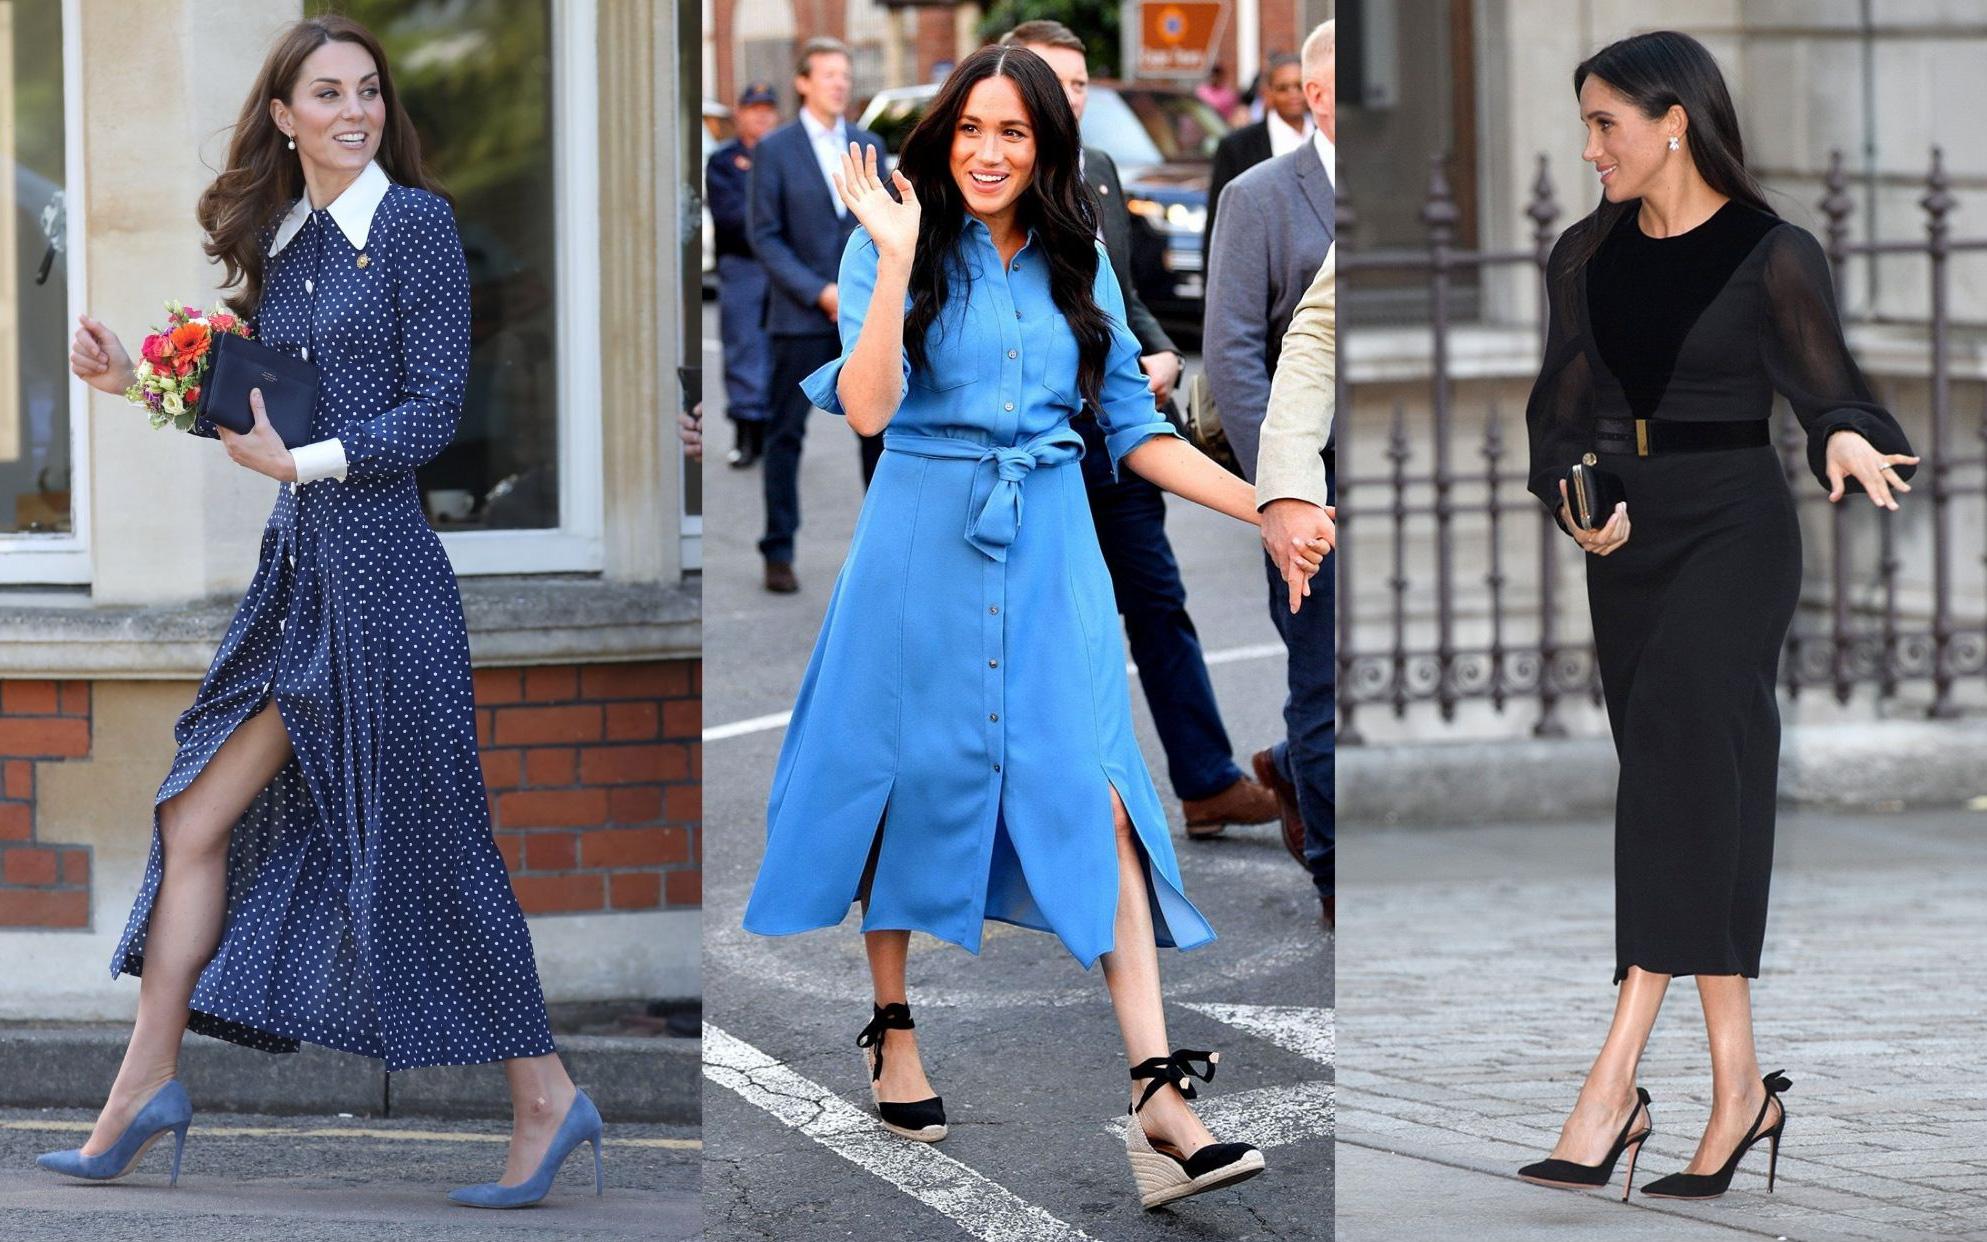 Tủ giày của các Công nương chỉ xoay quanh 5 kiểu sau mà hợp mix với mọi outfit, độ thanh lịch thì miễn bàn